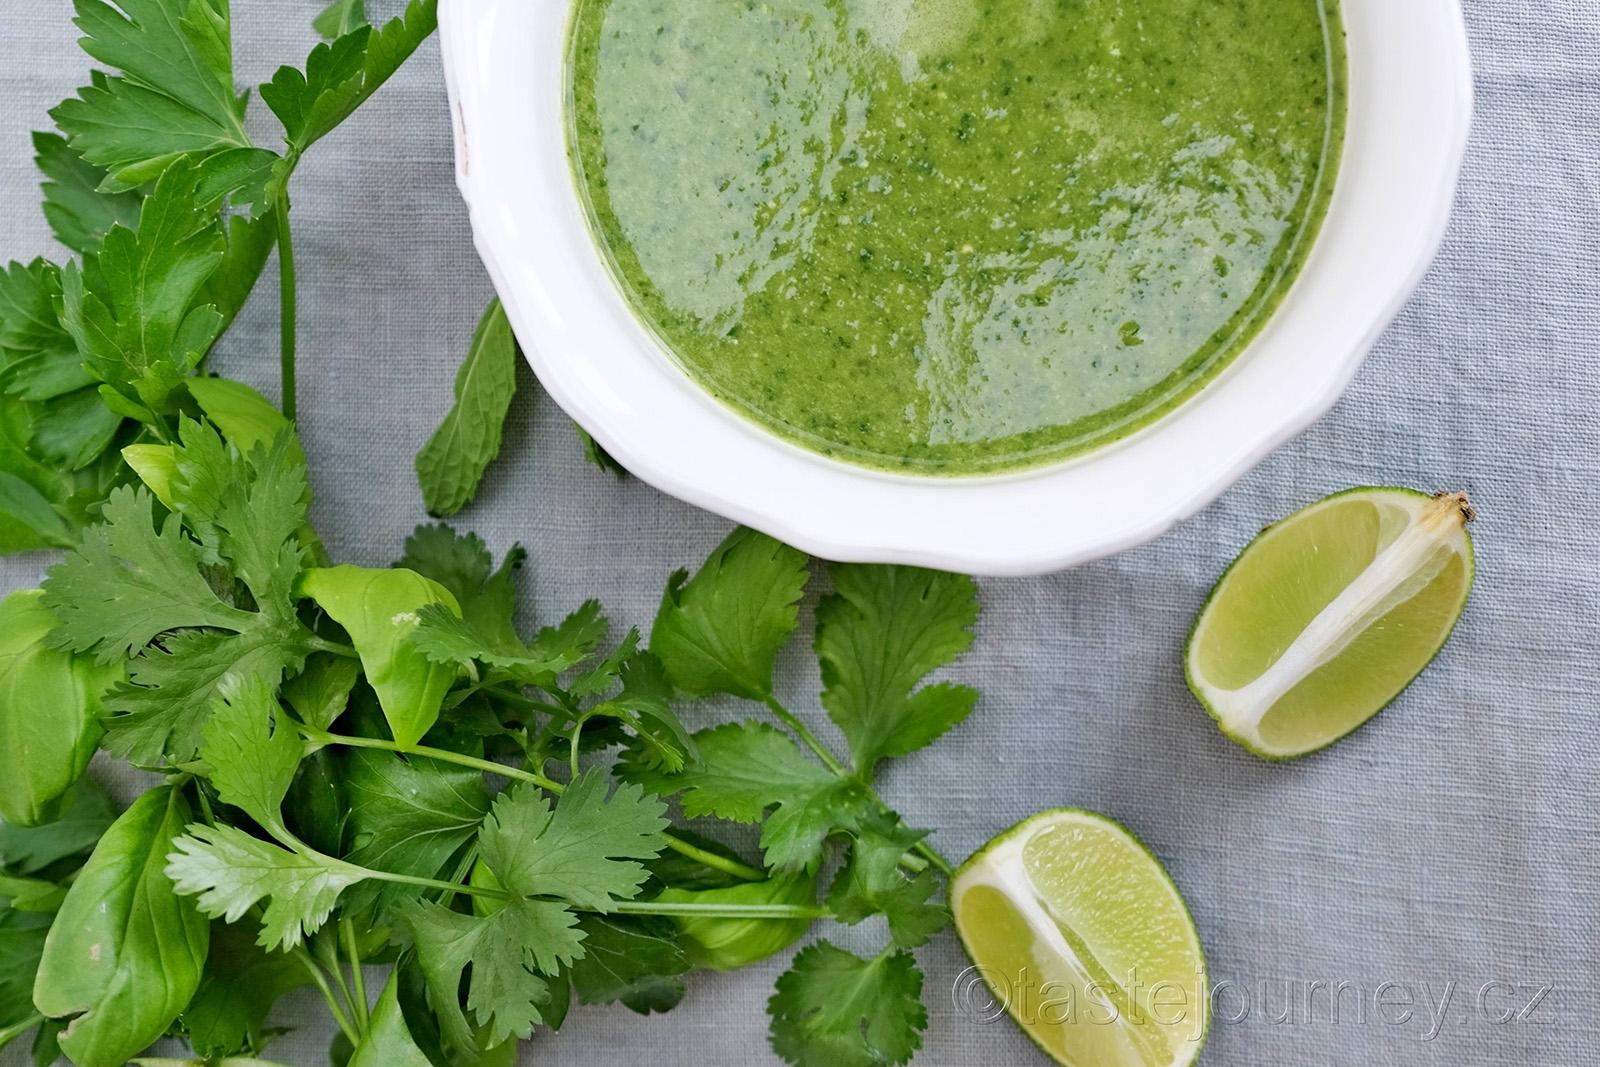 Petržel, bazalka, koriandr a máta patří do této polévky